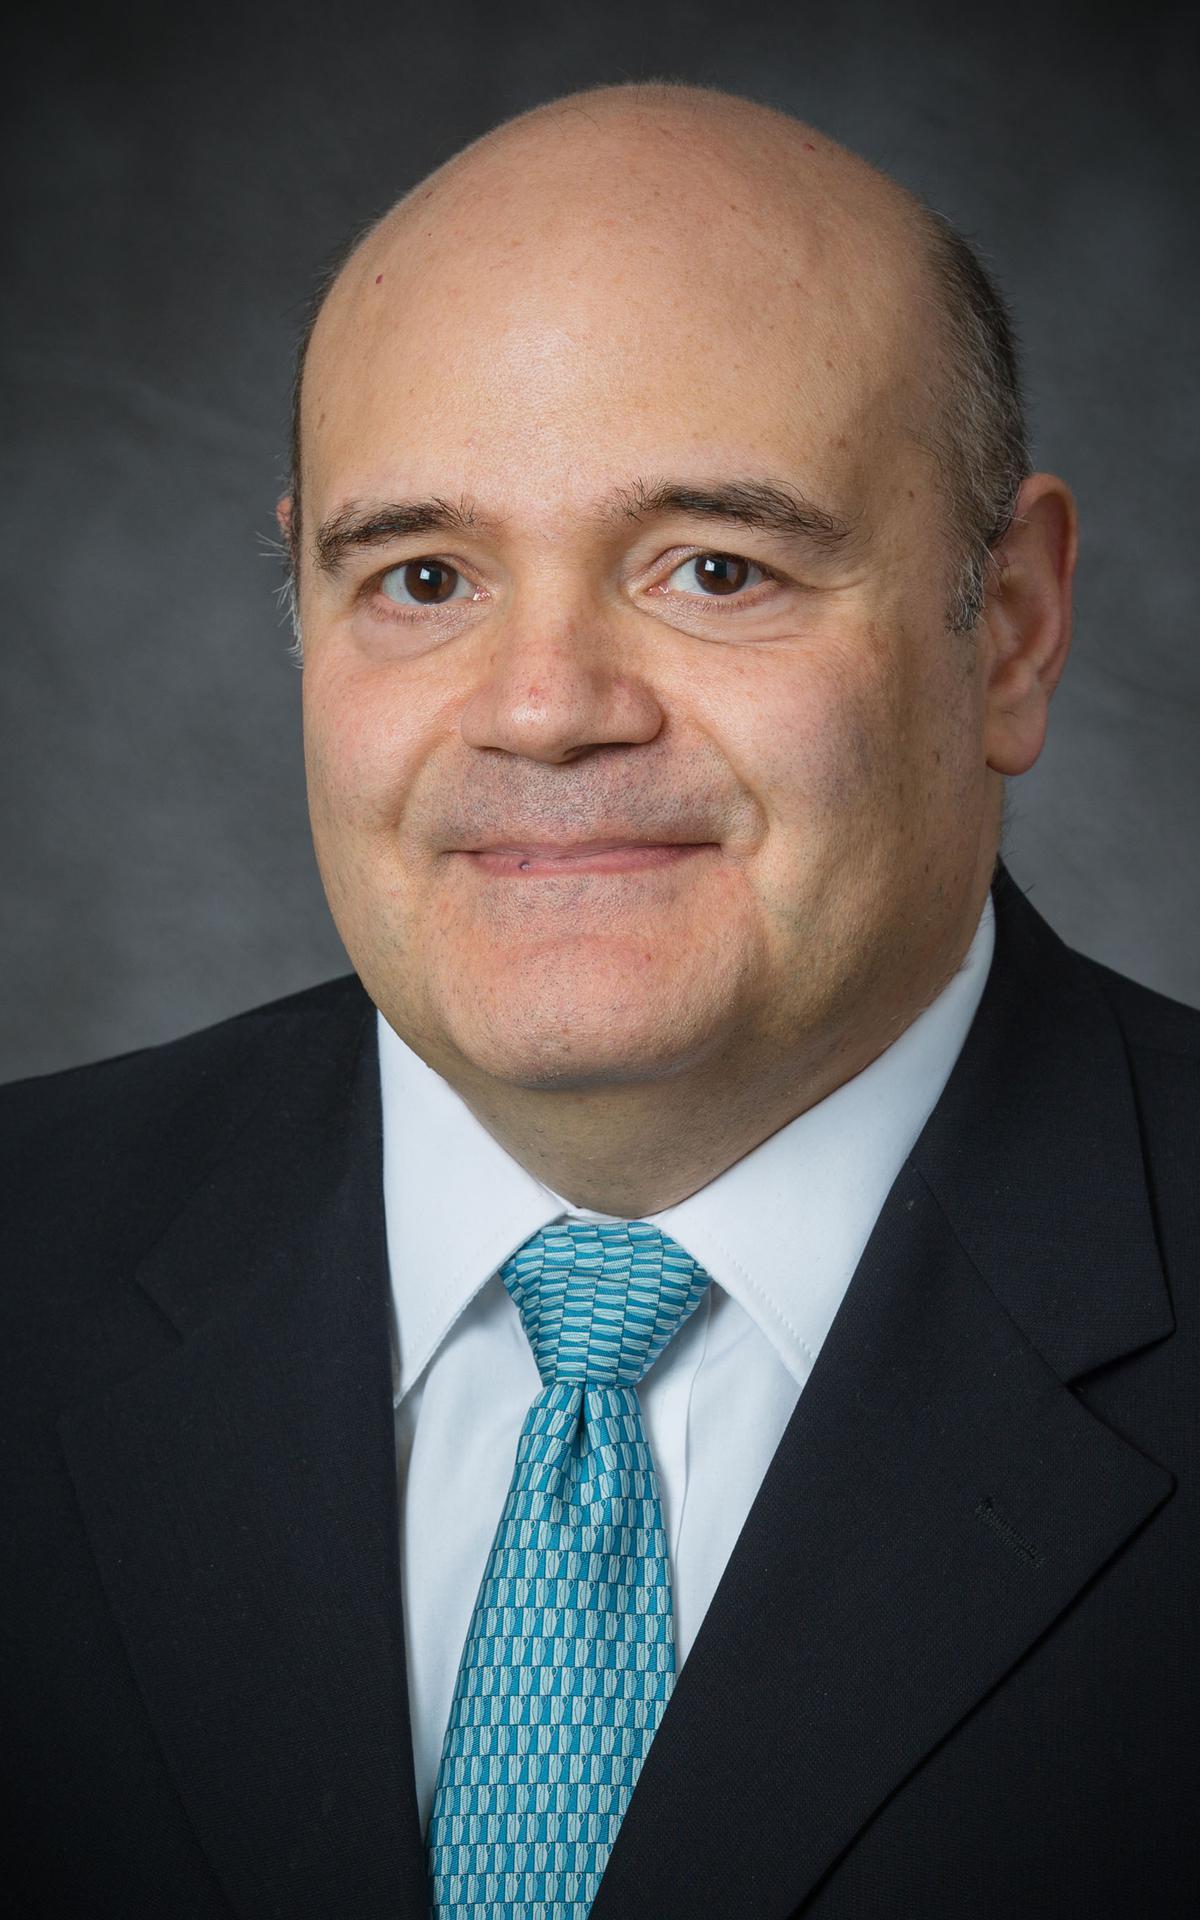 Elder Francisco J Ruiz De Mendoza